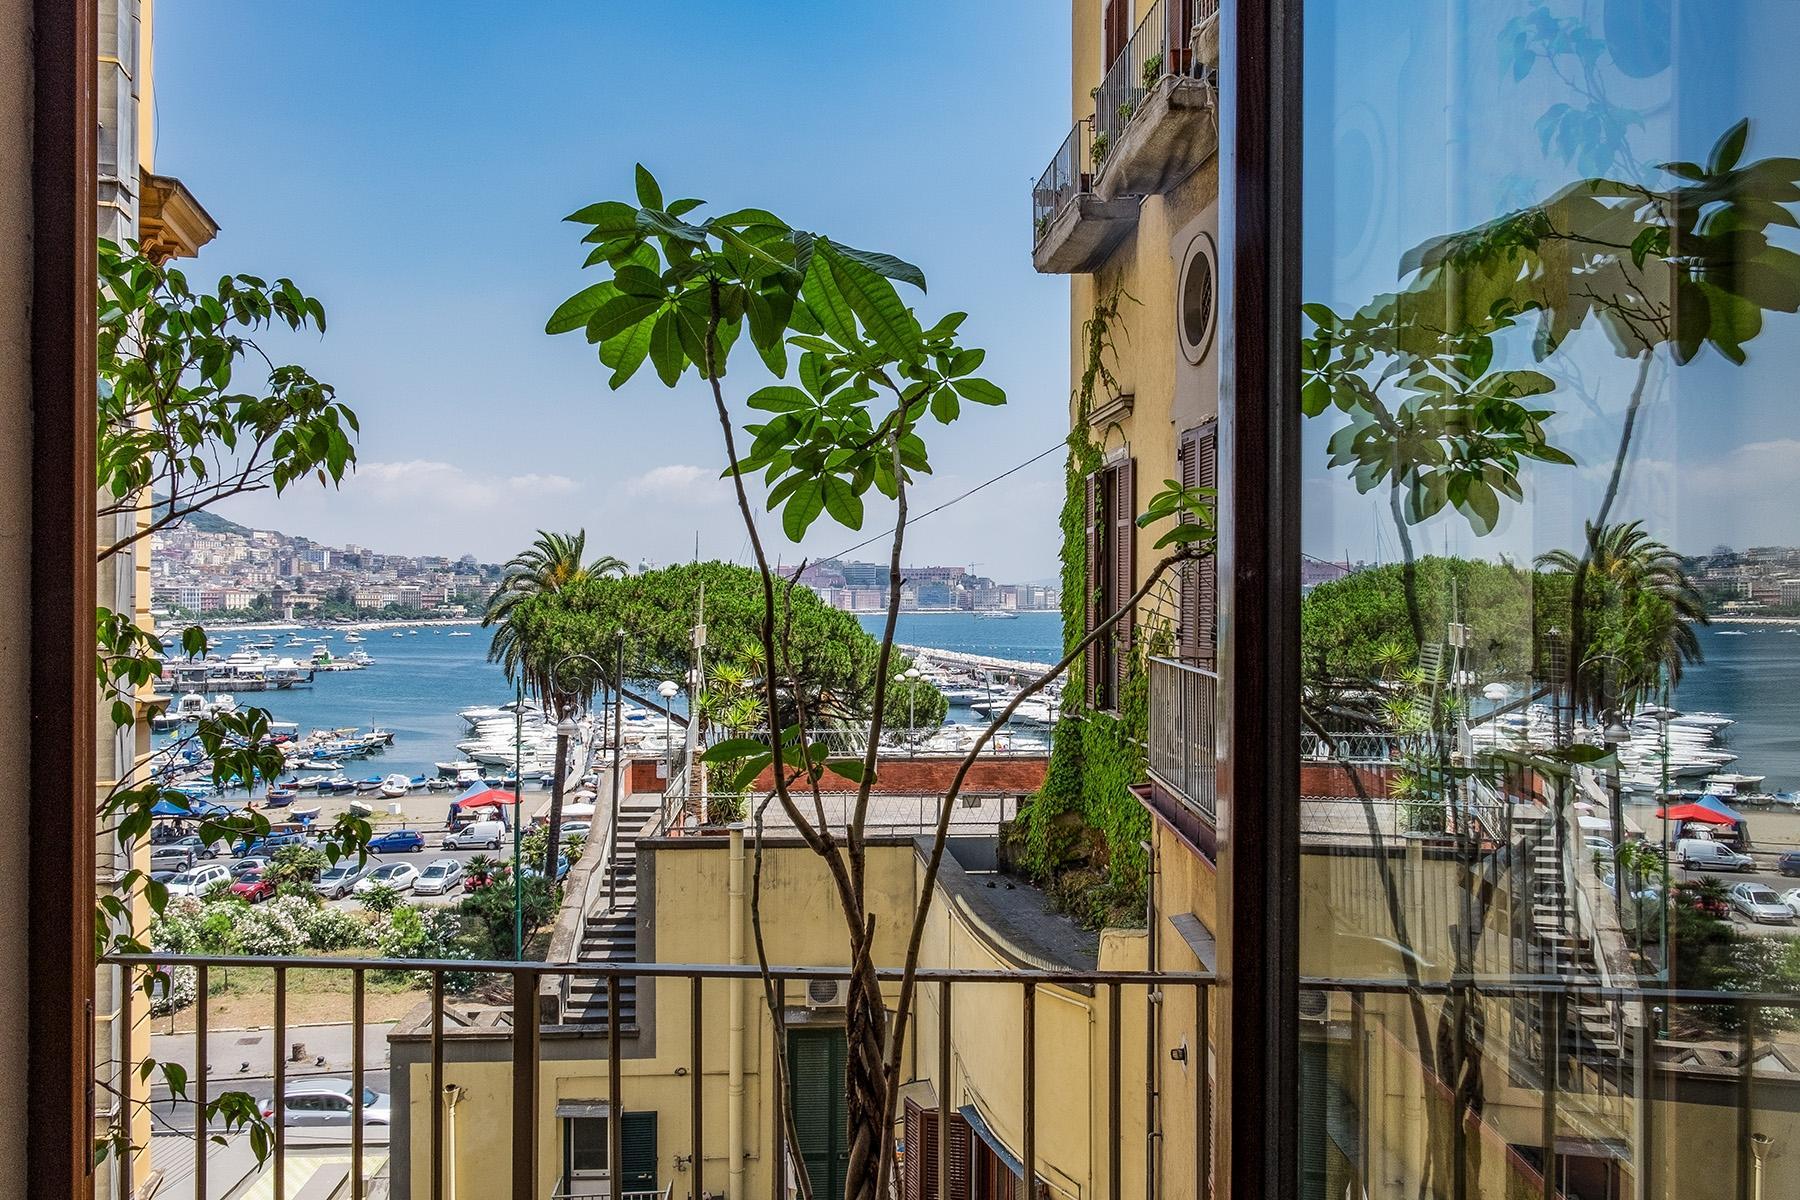 坐落在Mergellina街道历史建筑中的度假公寓 - 2